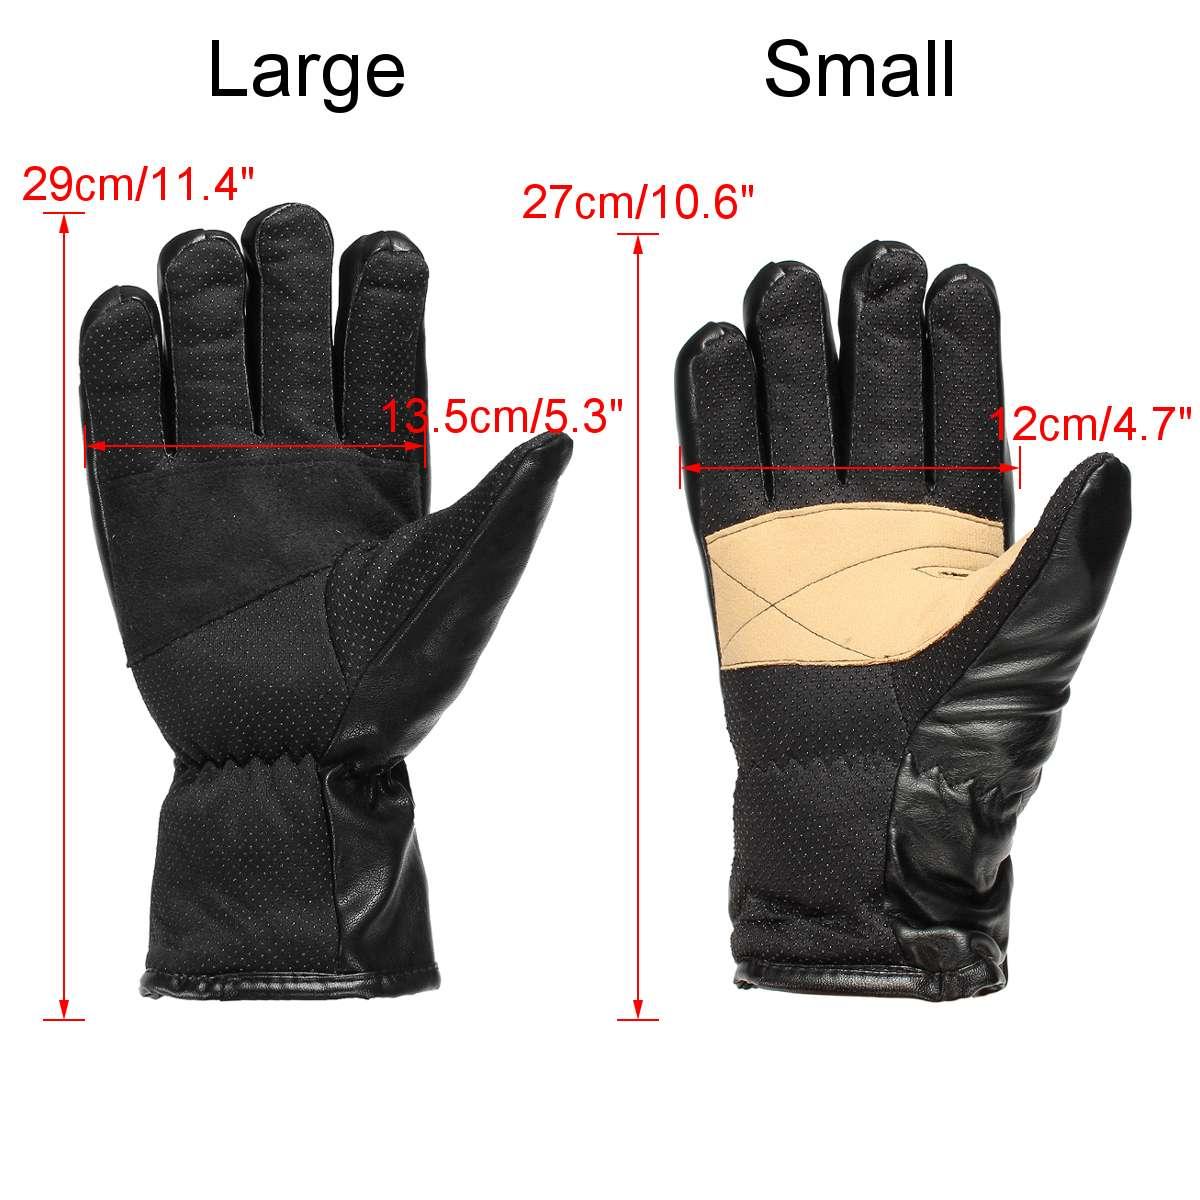 Gants chauffants électriques d'hiver PU cuir femmes hommes Rechargeable 3000 mAh batterie mitaines chauffantes chaudes intérieur épaissir gants en coton - 4